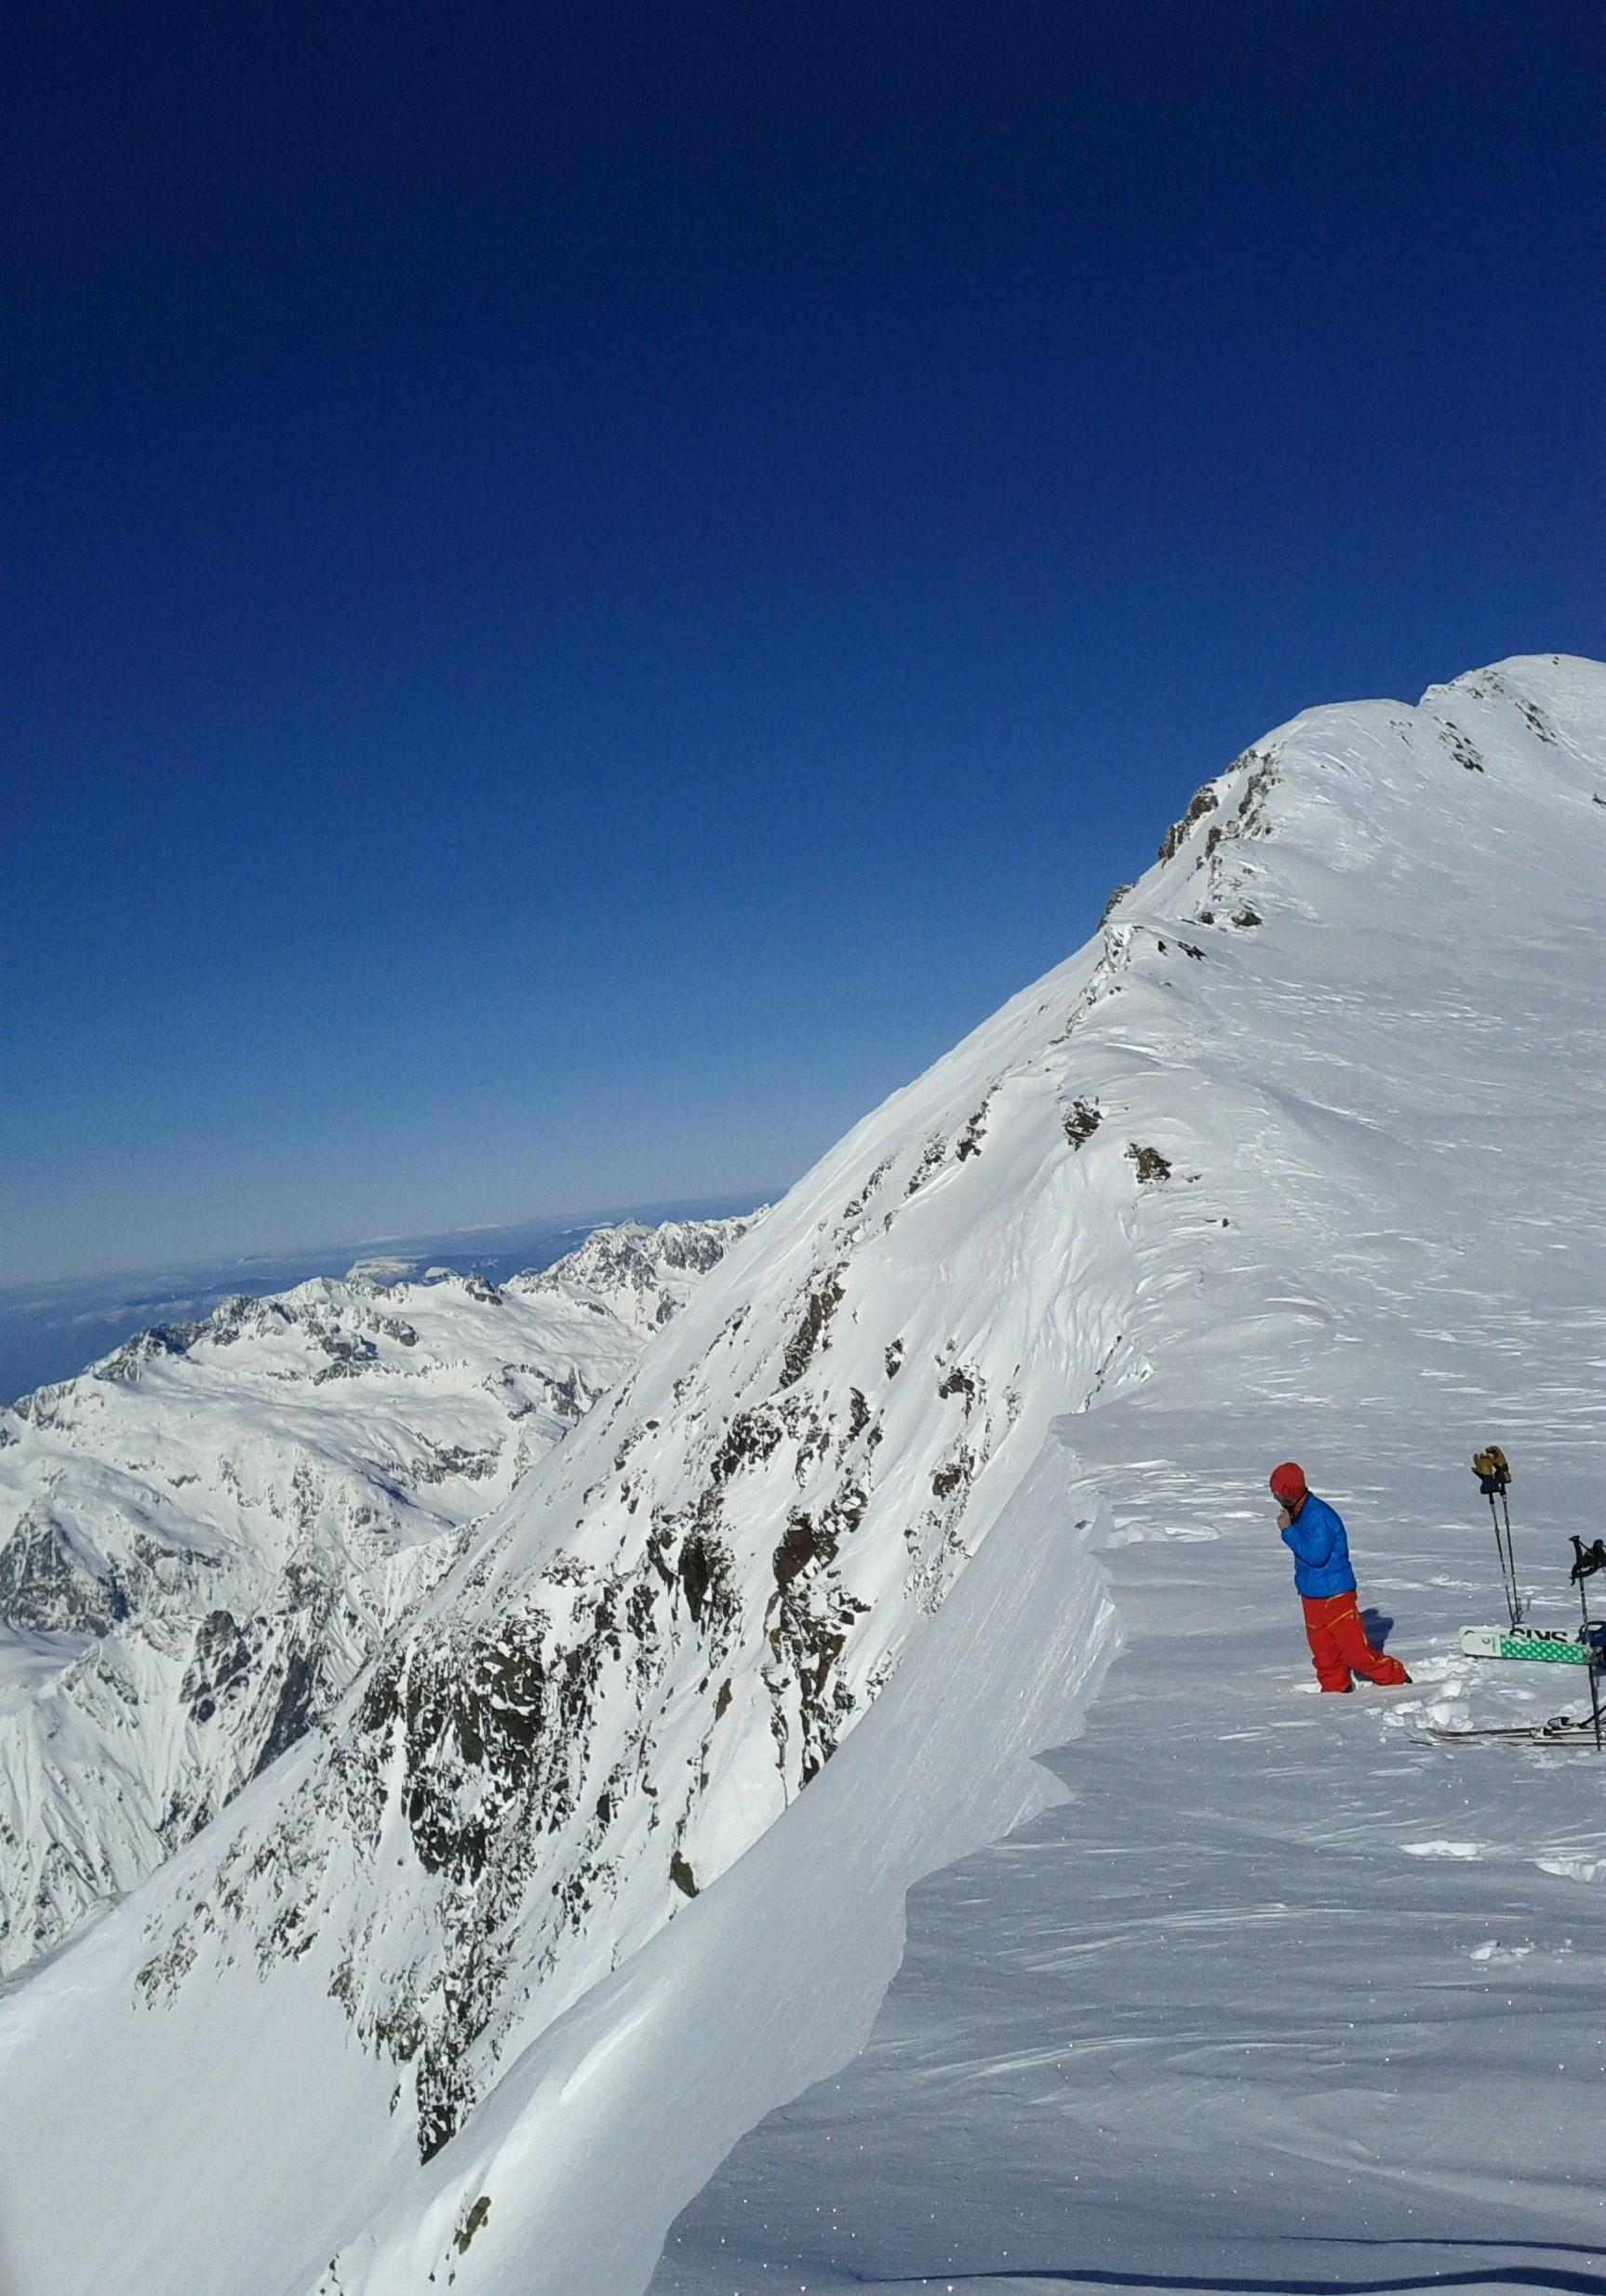 Bureau_des_Guides_Alpe d'Huez